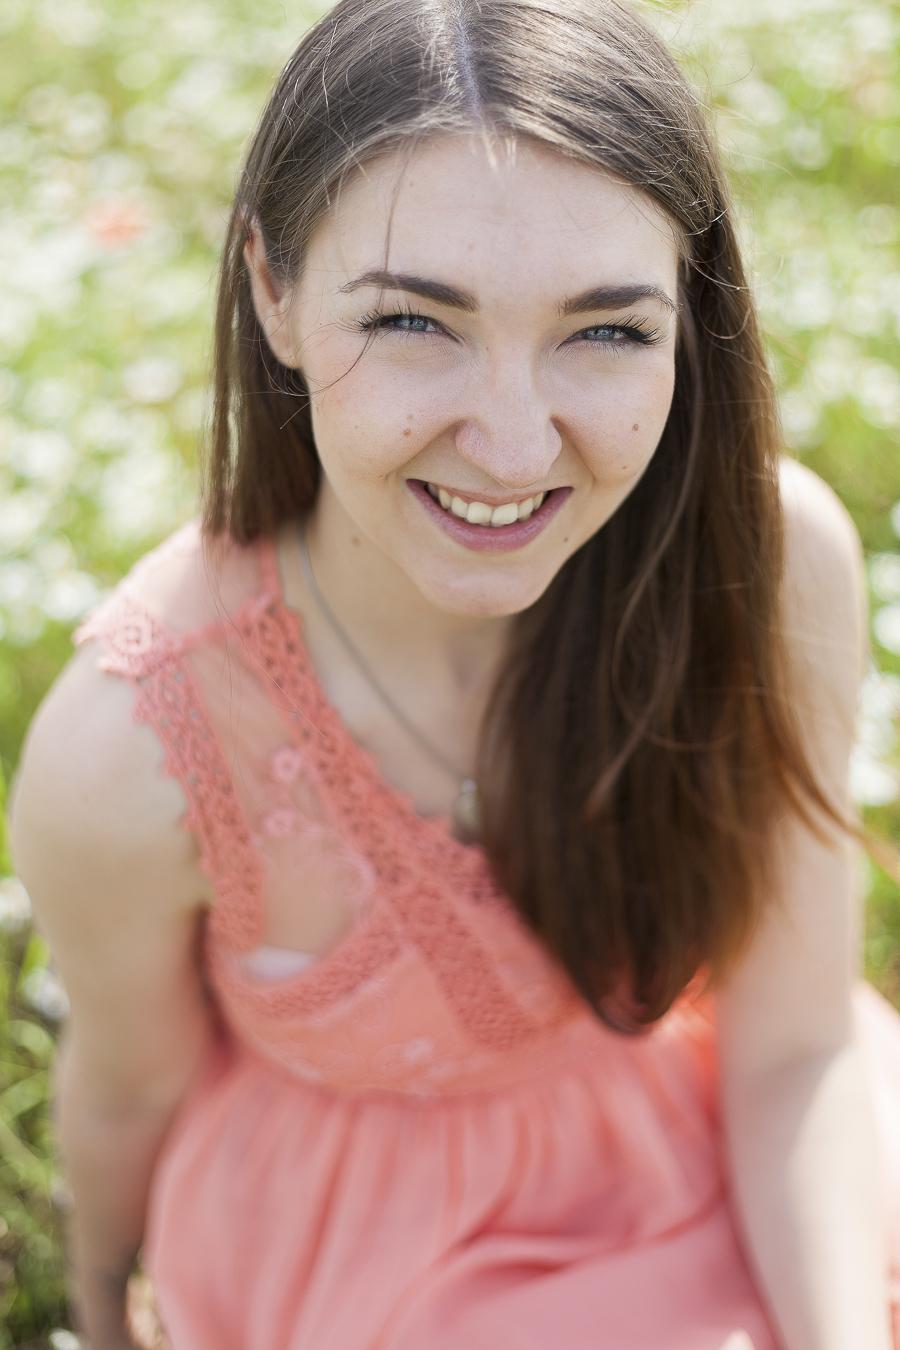 Laura-Fiederer-Fotografie-Portrait-Paar-Mörfelden-Walldorf (2 von 10)